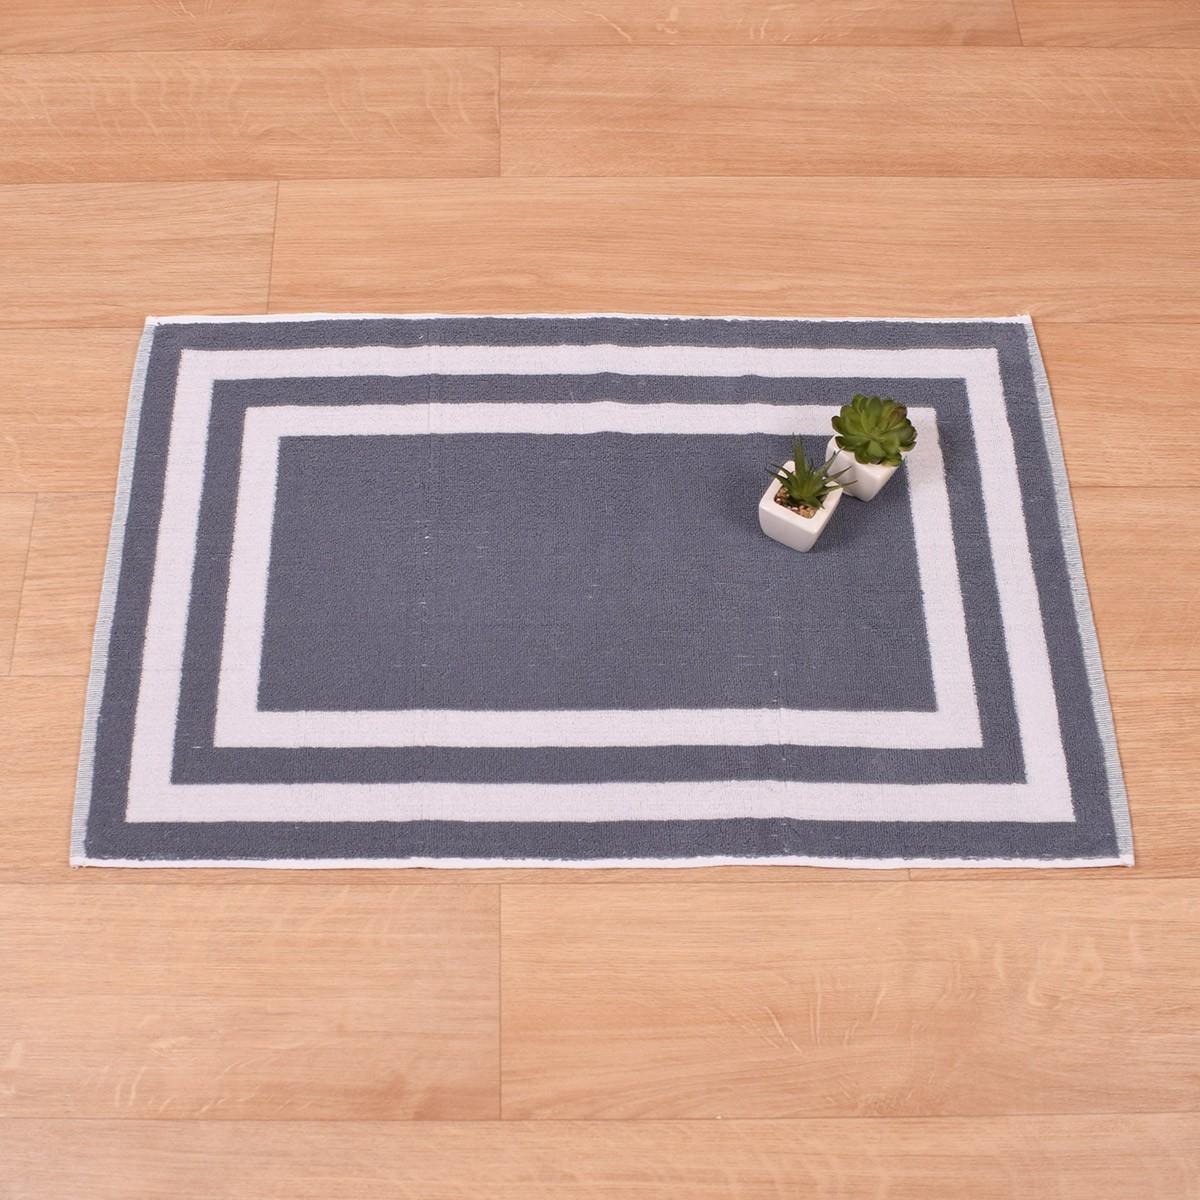 Πετσετέ Πατάκι Μπάνιου (50×75) Κορνίζα Γκρι-Λευκό 700gr/m2 73696